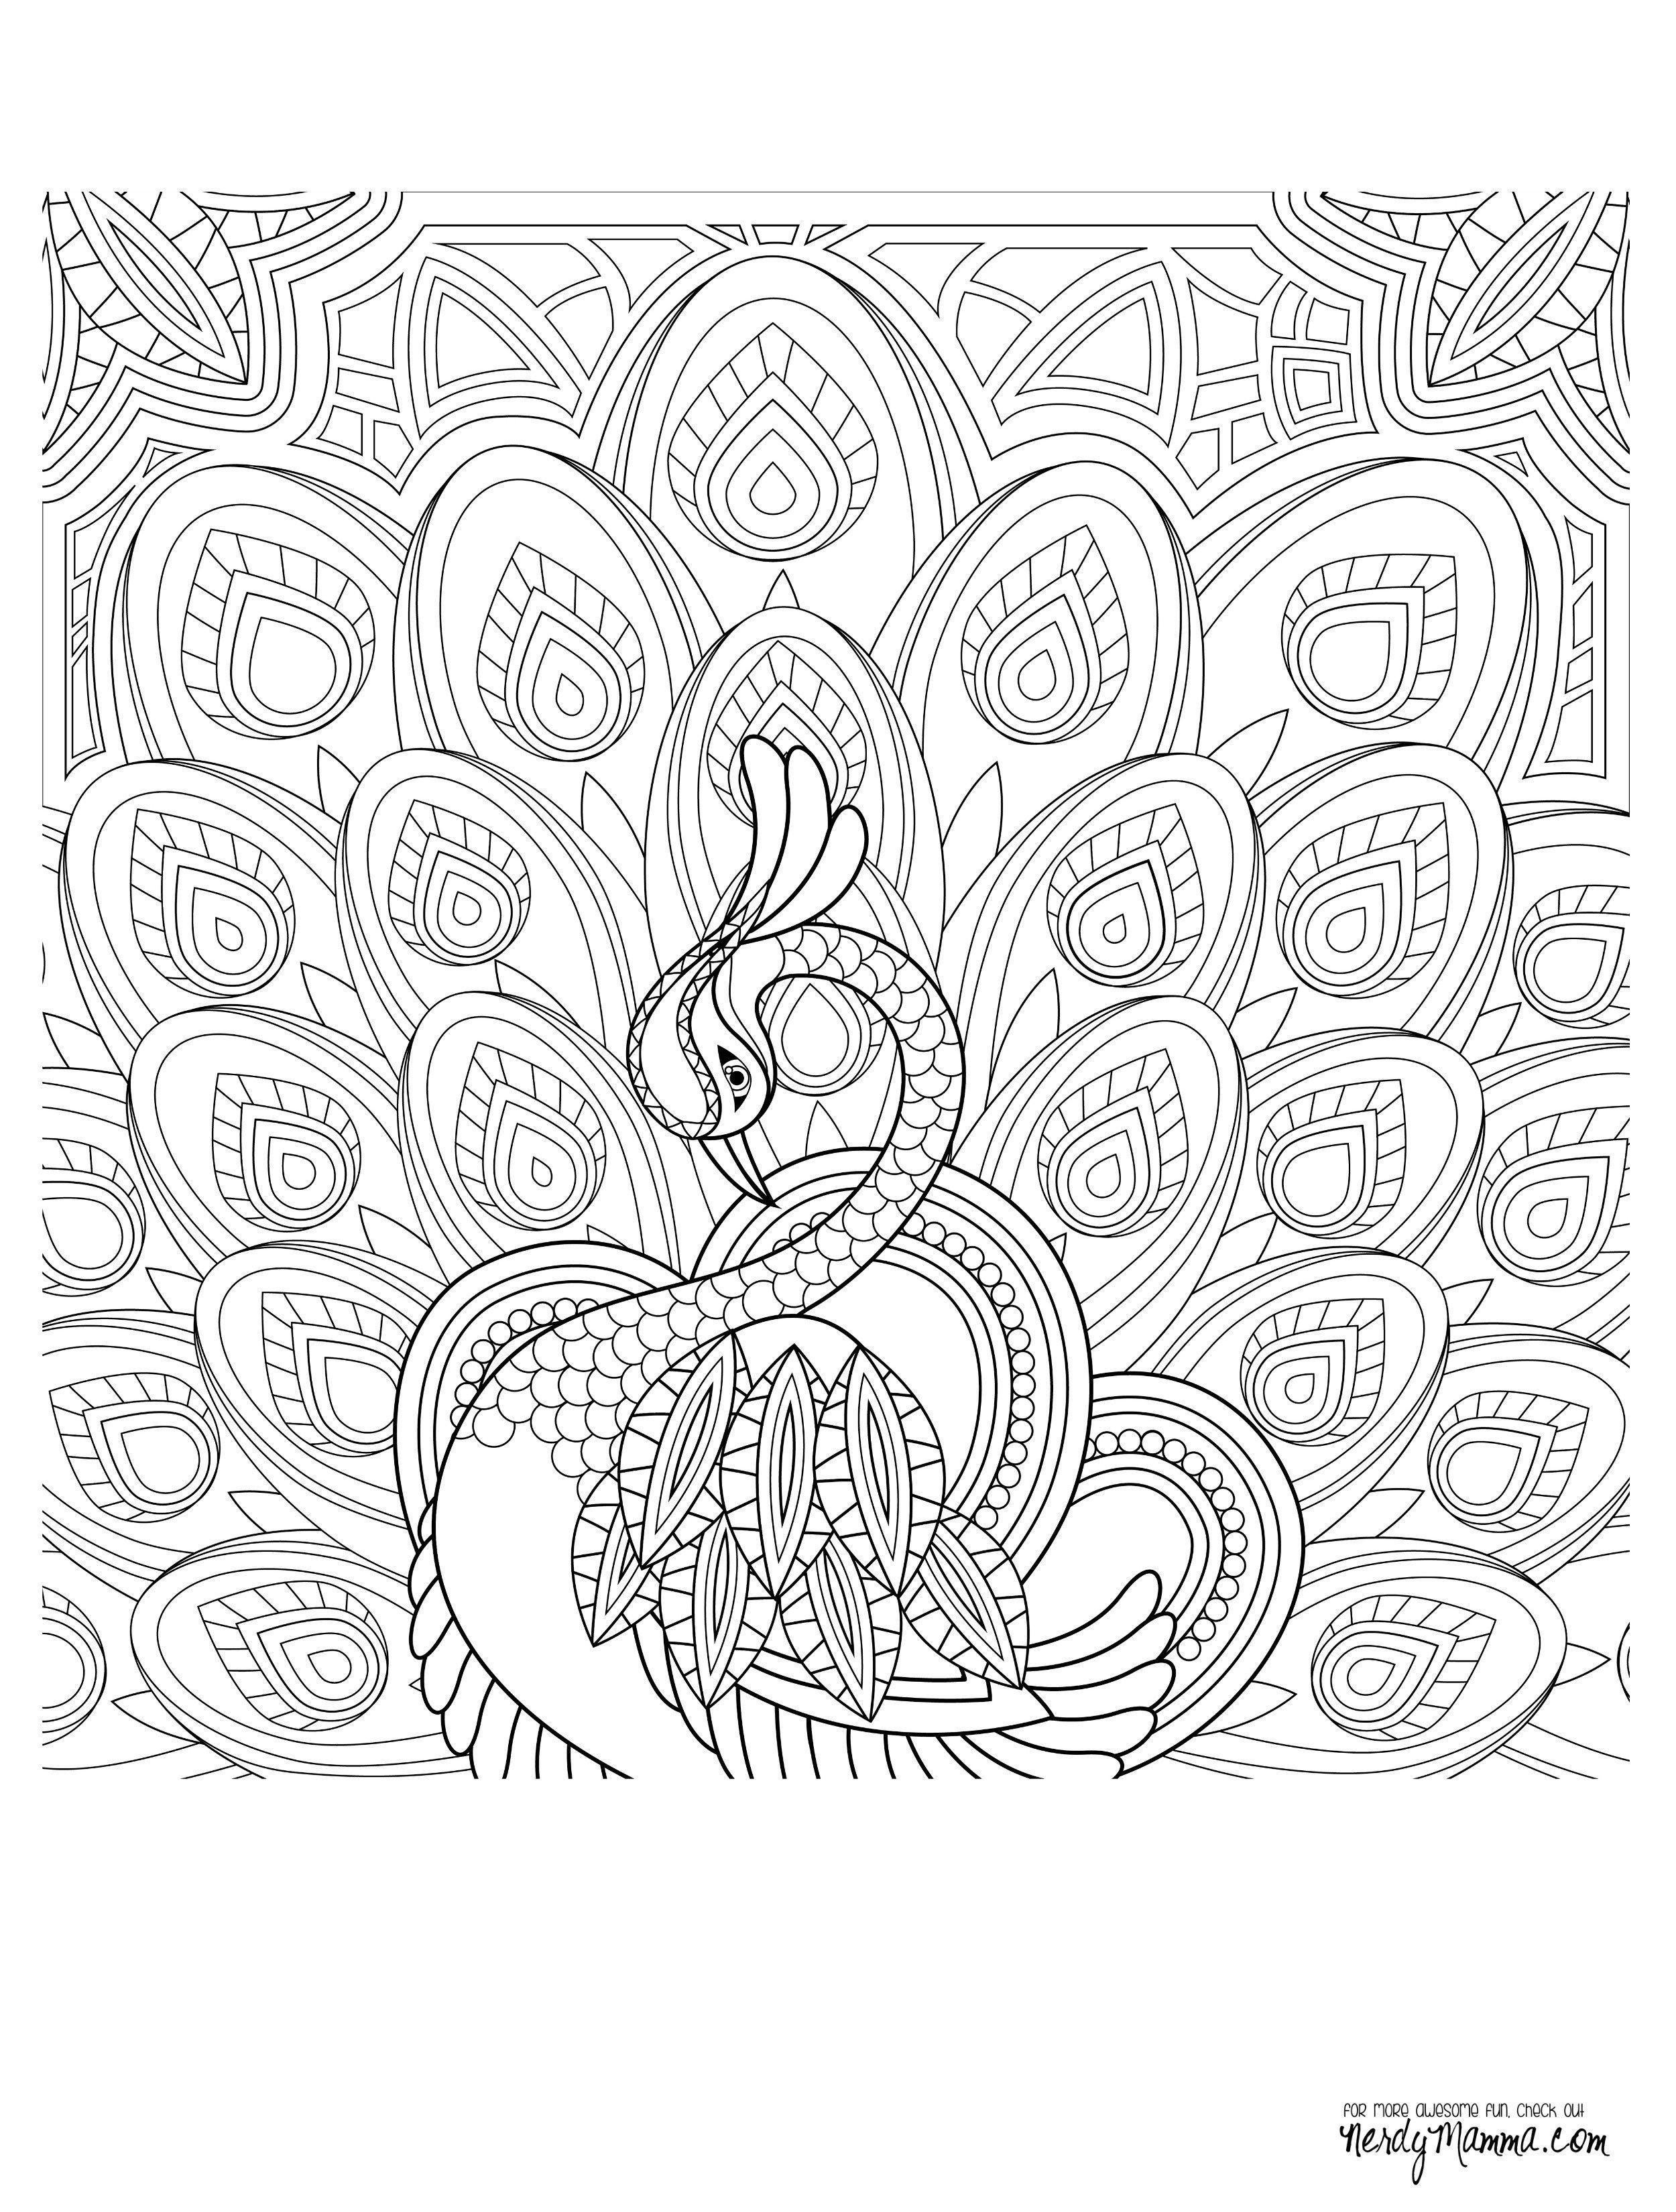 Spongebob Bilder Zum Ausmalen Frisch Spongebob Artwork Wohlgeformte Mal Coloring Pages Fresh Crayola Fotos